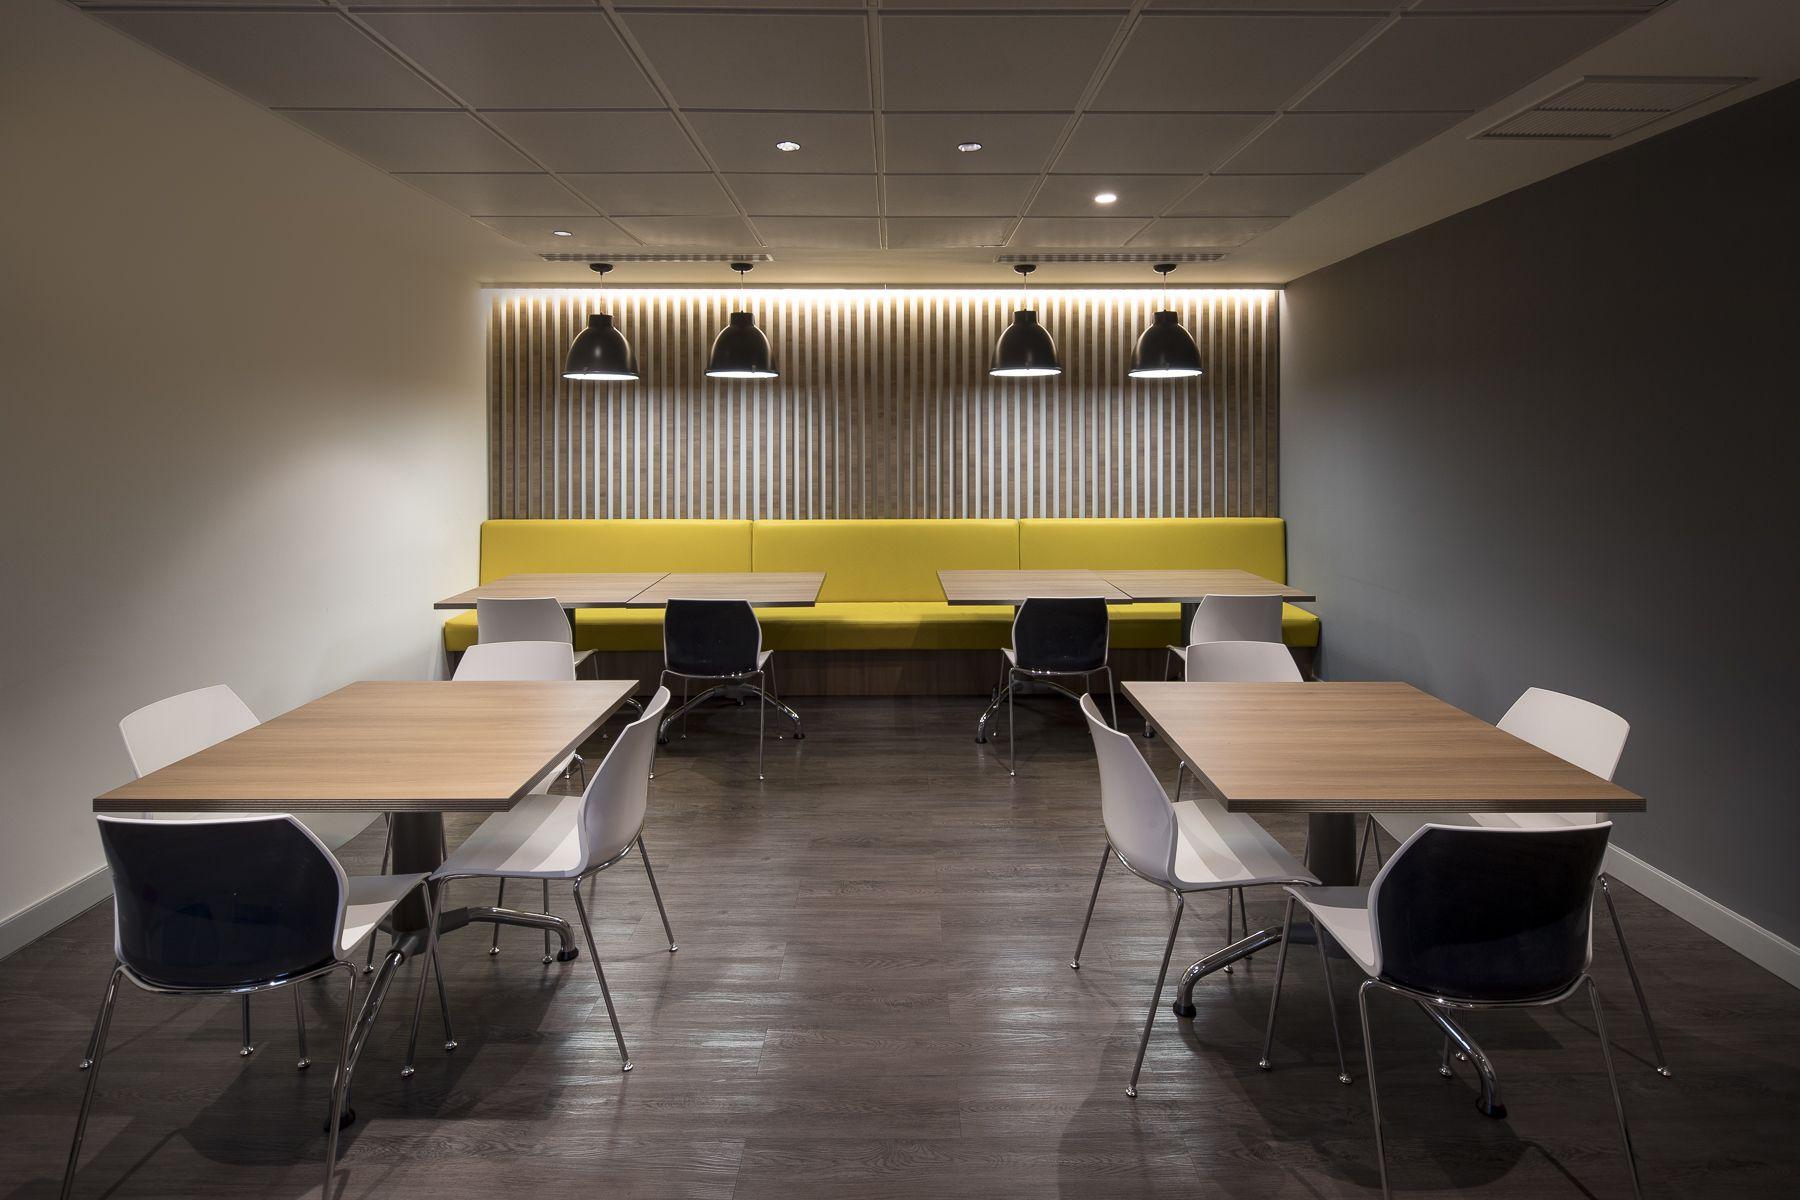 Recepci N De Amarilo Panam Dise O Arquitectura E Interiores  # Muebles Vazquez Atrezzo